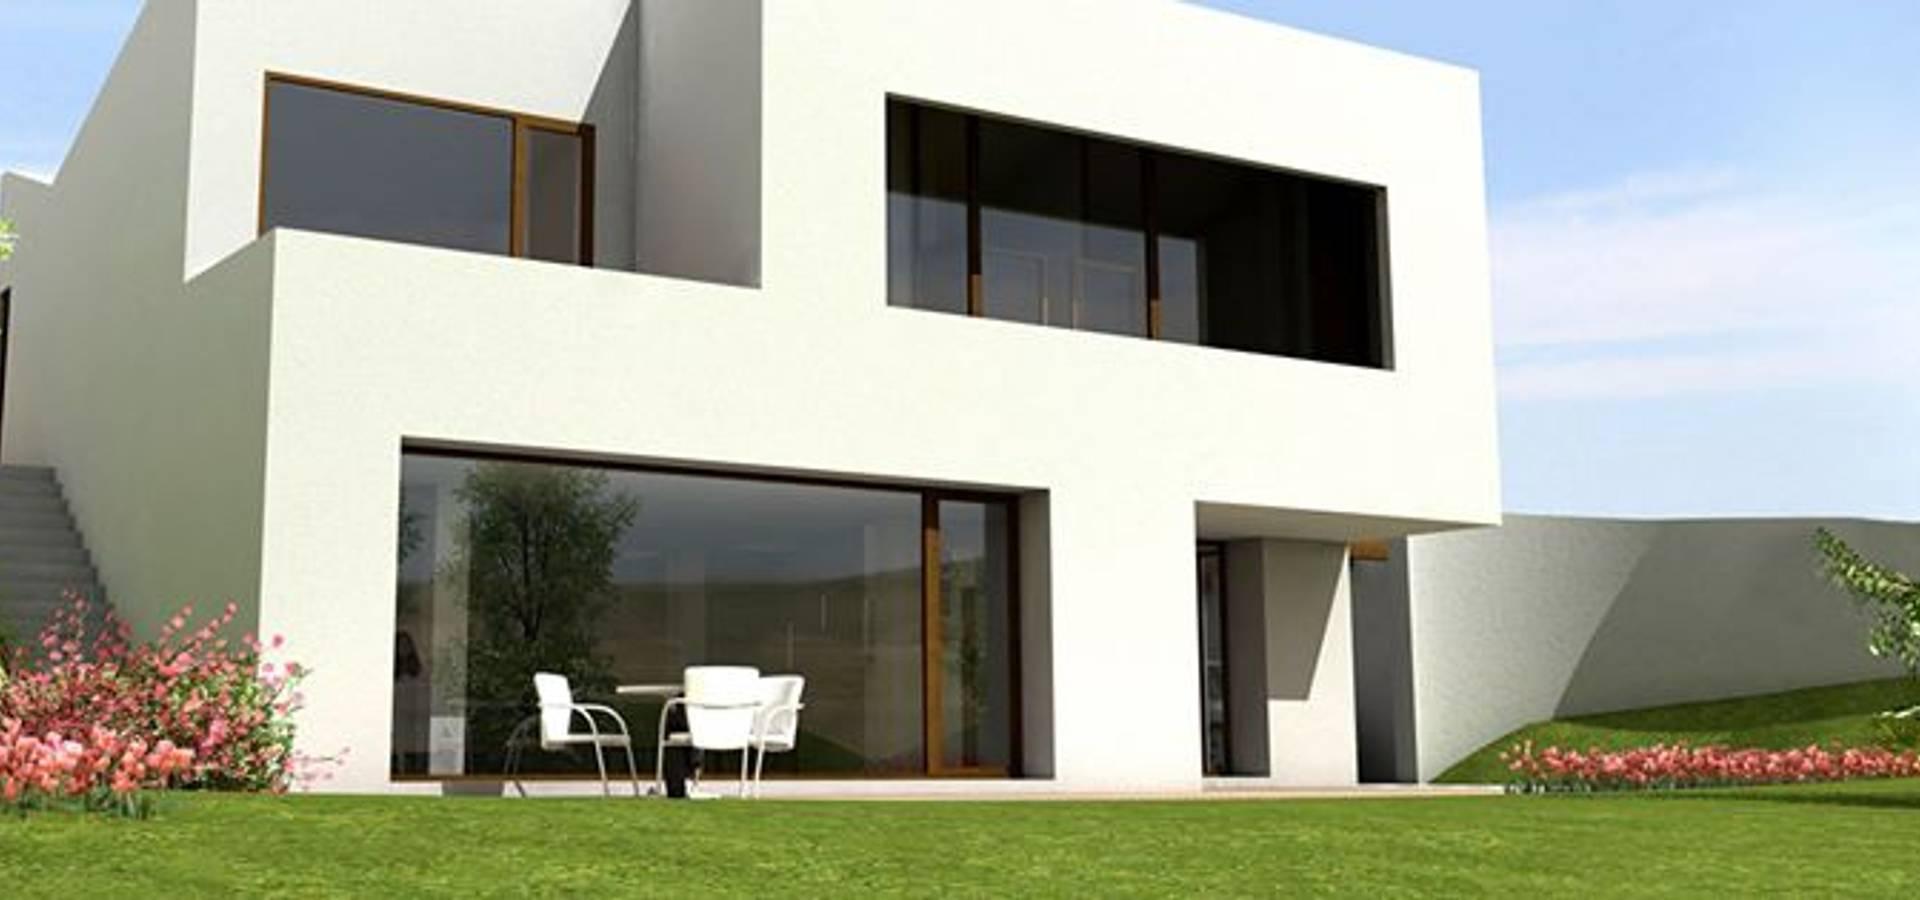 Anuima arquitectura y construcci n constructores en for Arquitectura y construccion